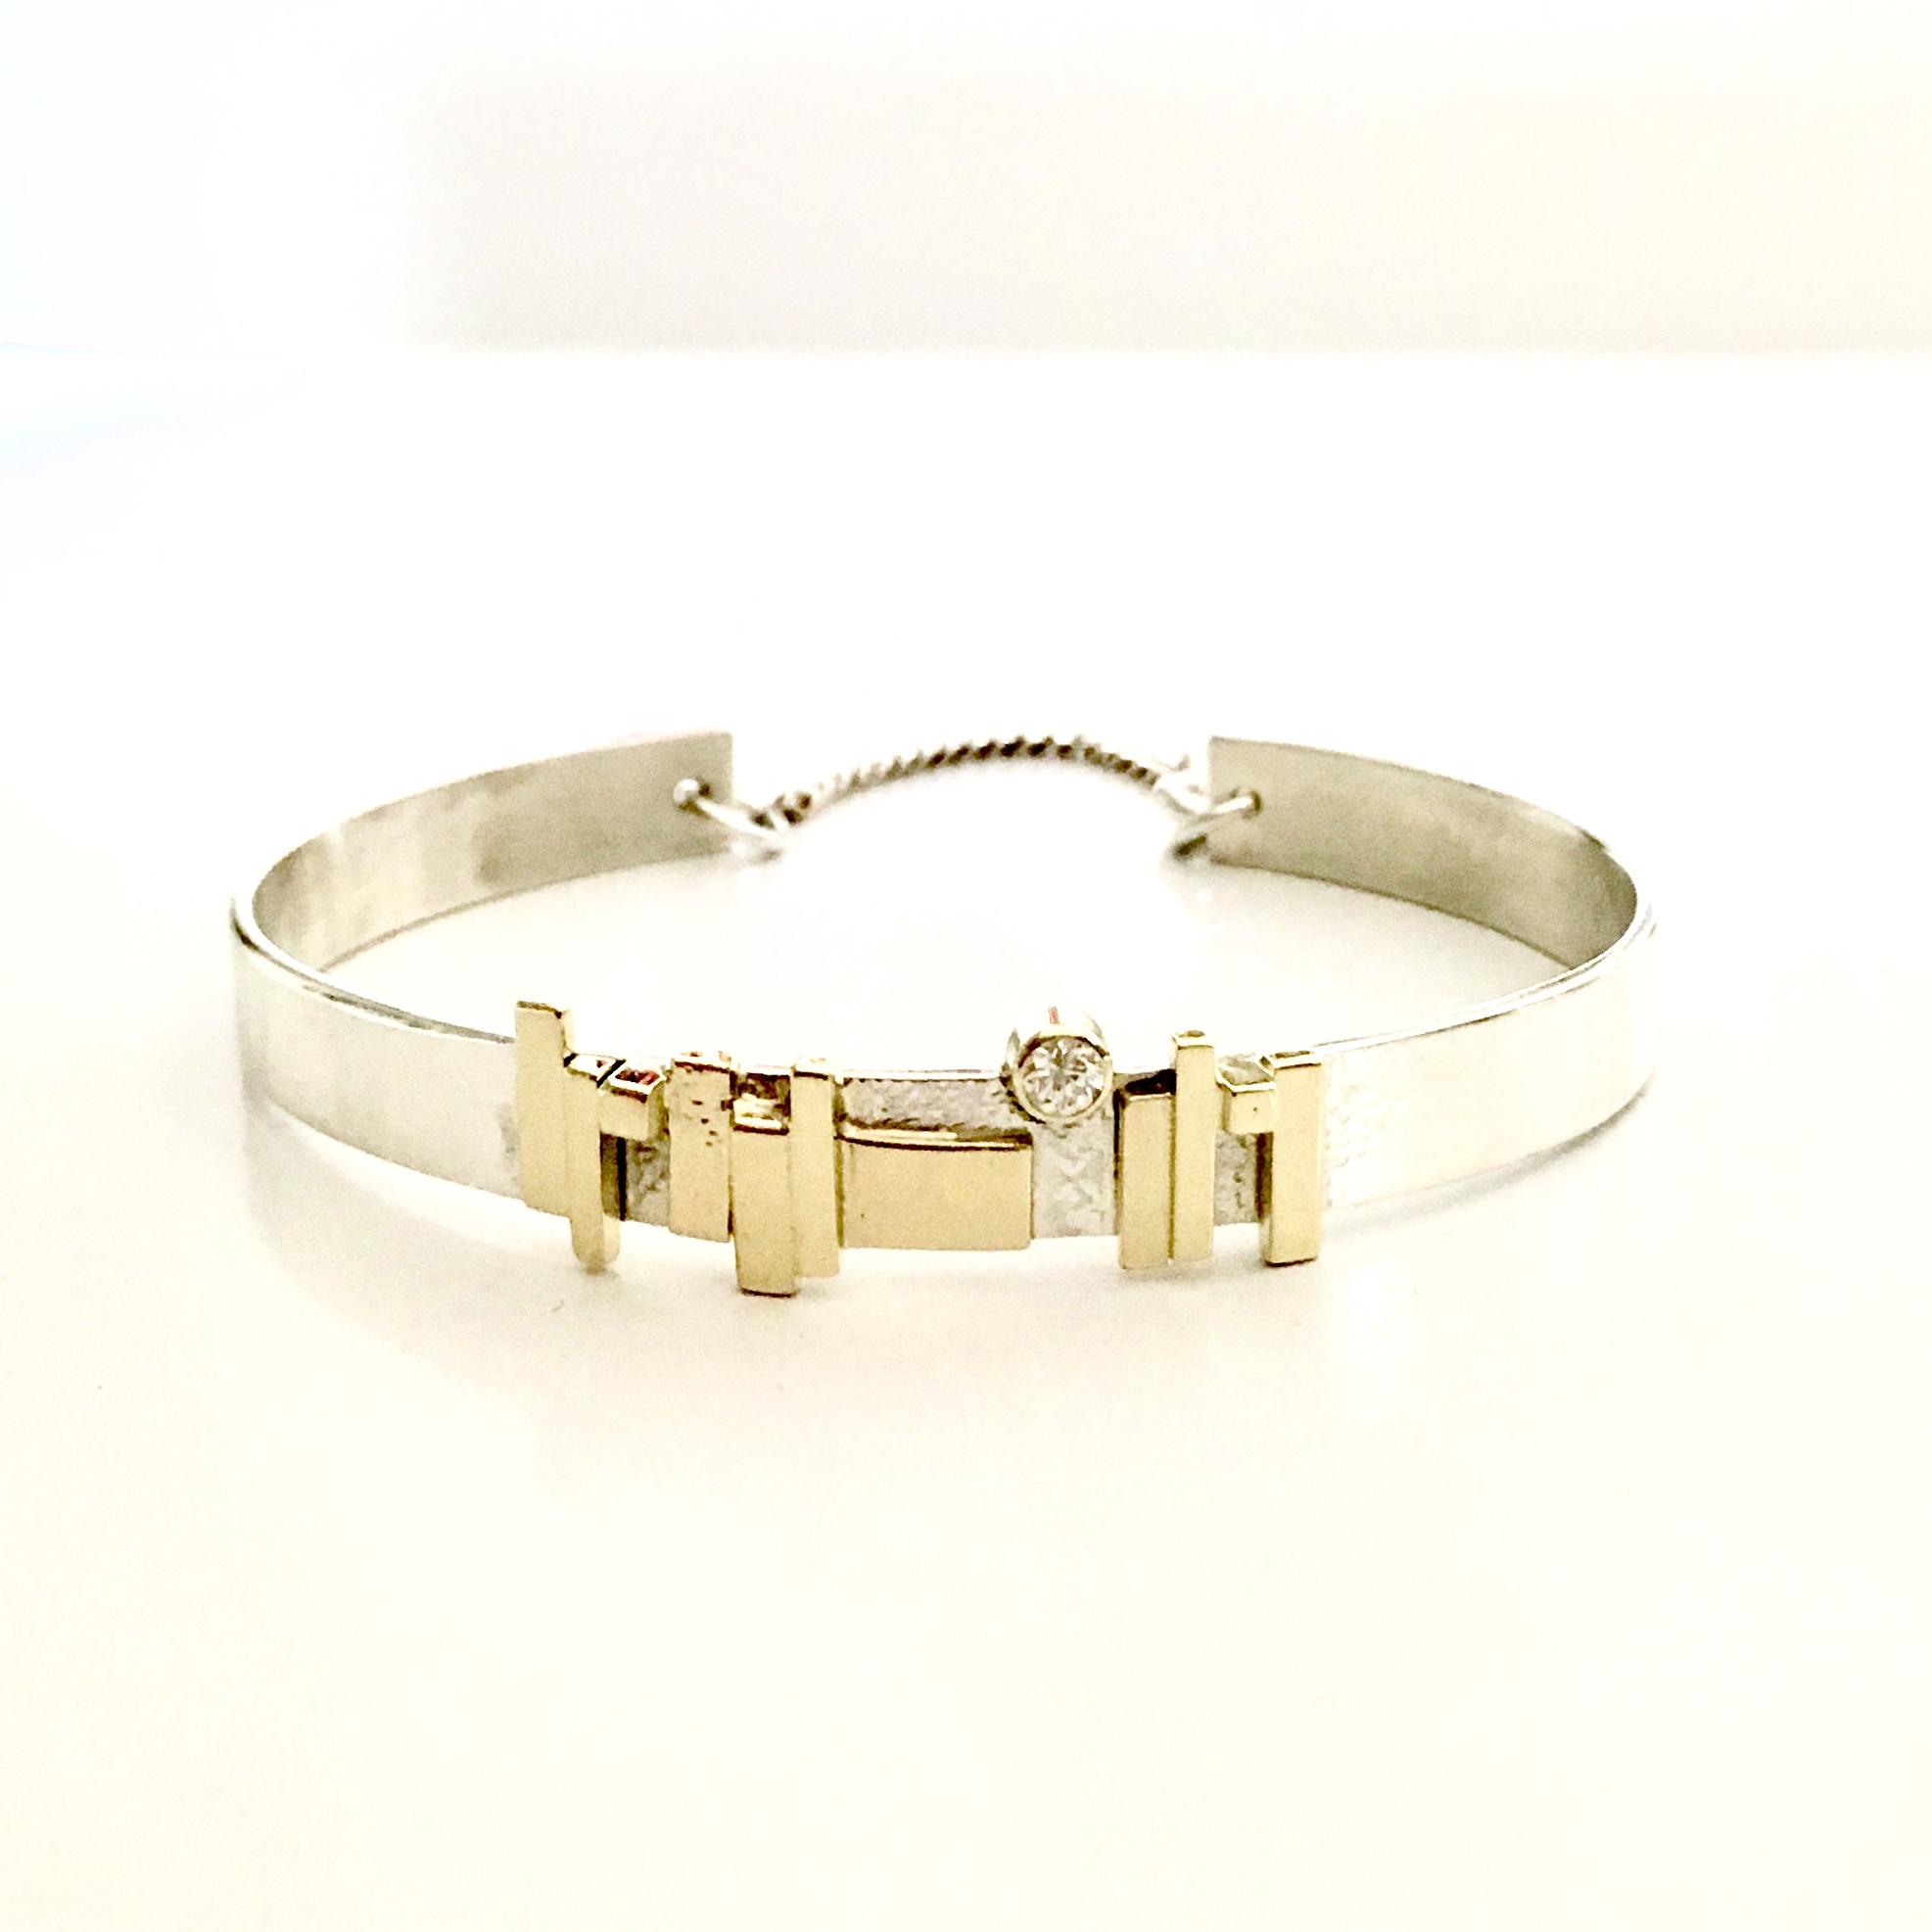 Zilveren armband met gouden plaatjes en diamant